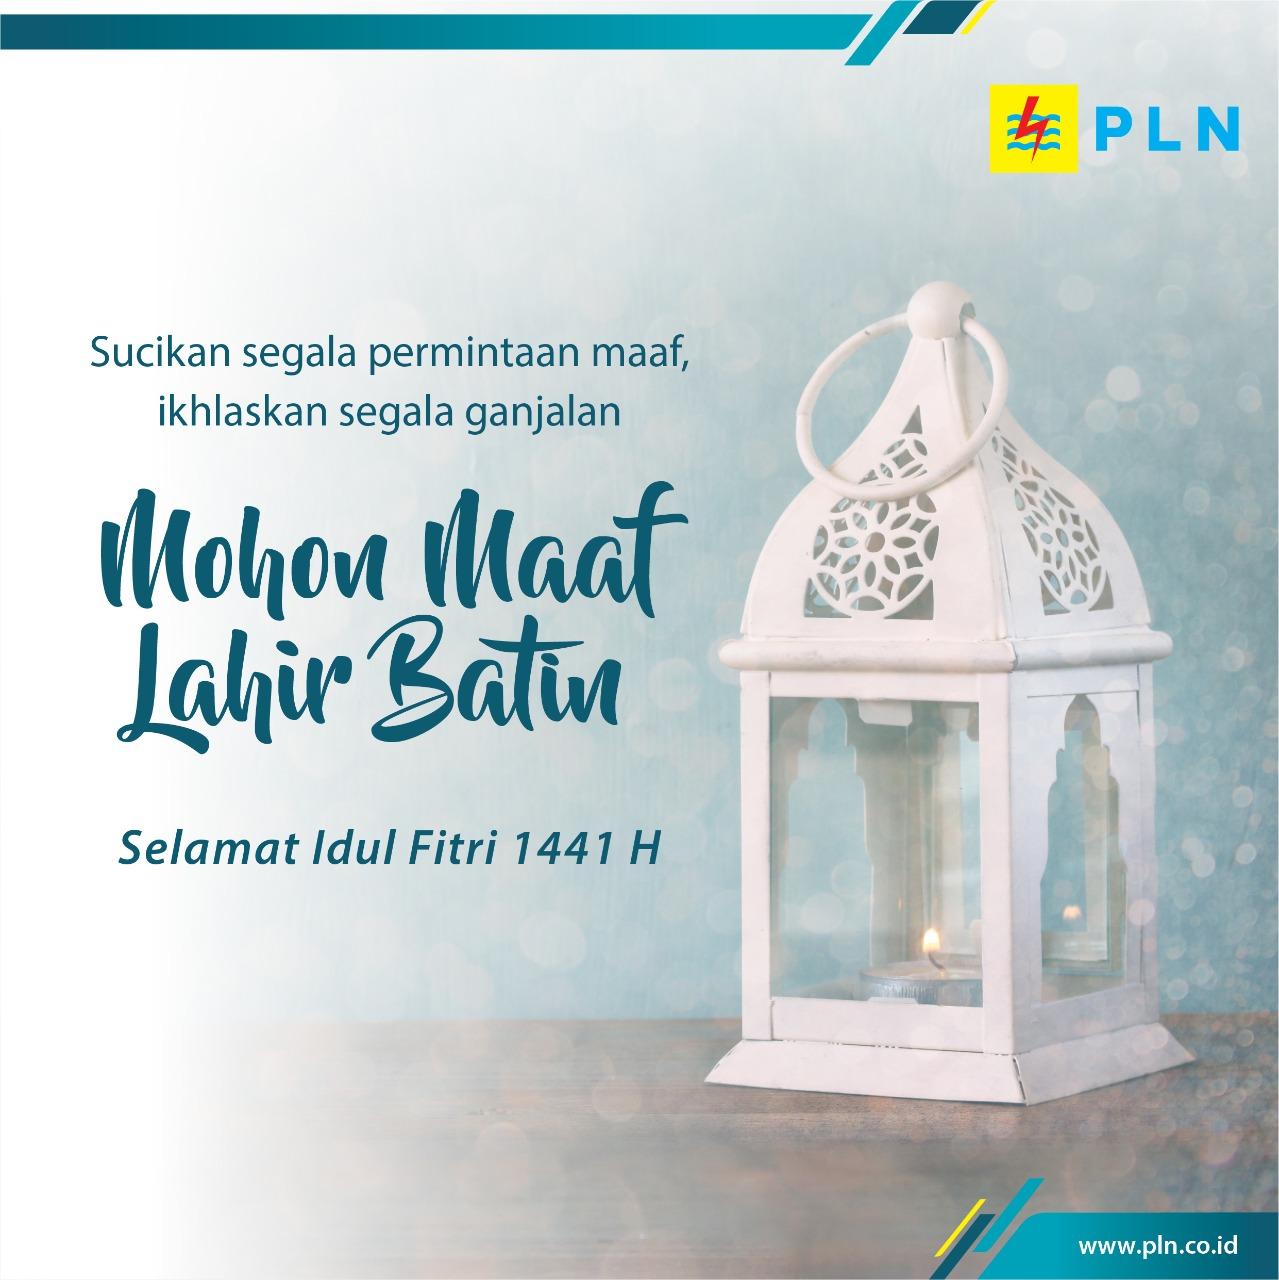 Idul Fitri PT PLN